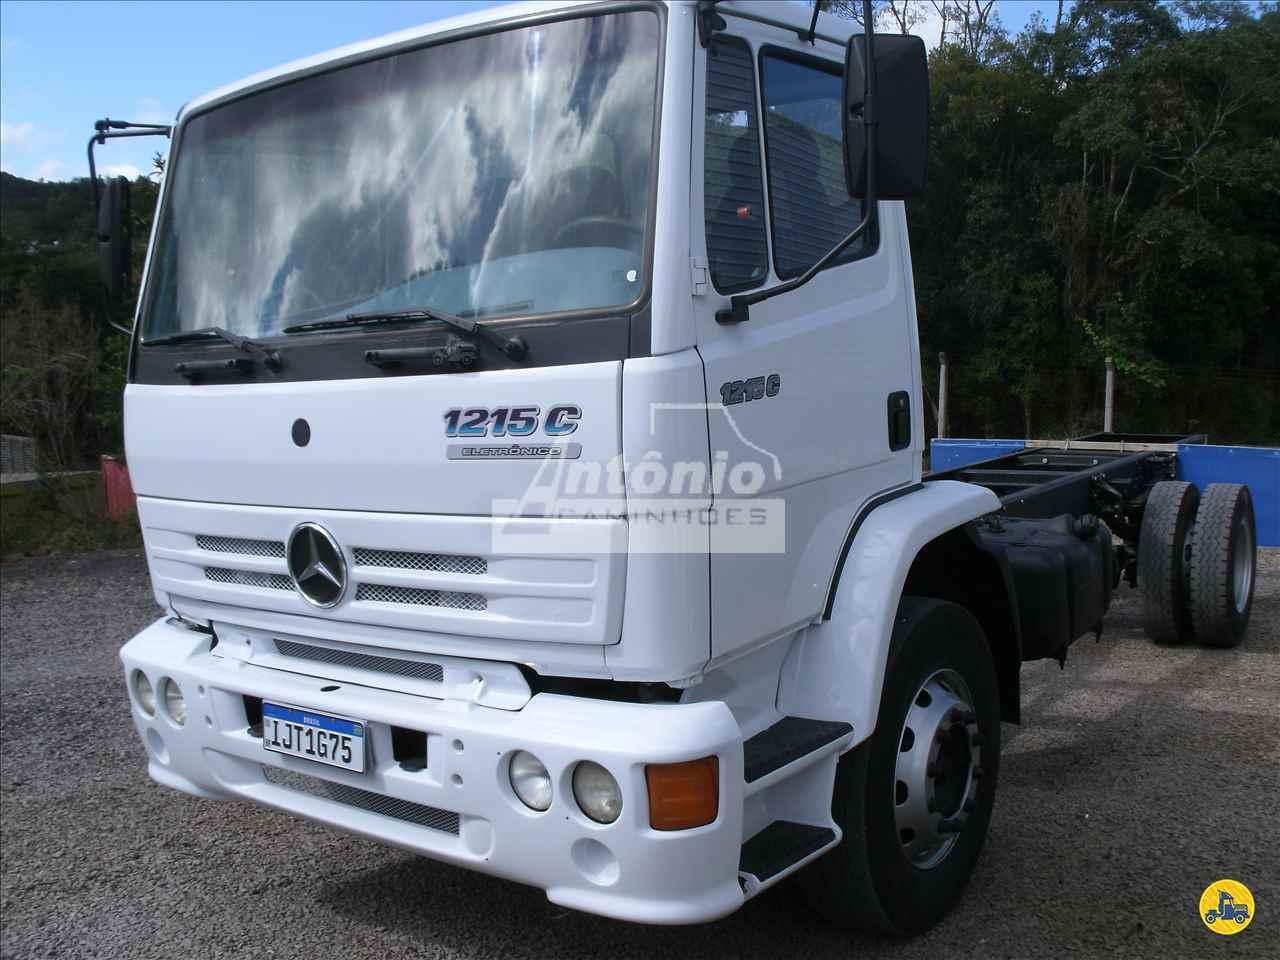 CAMINHAO MERCEDES-BENZ MB 1215 Chassis Toco 4x2 Antônio Caminhões GARIBALDI RIO GRANDE DO SUL RS